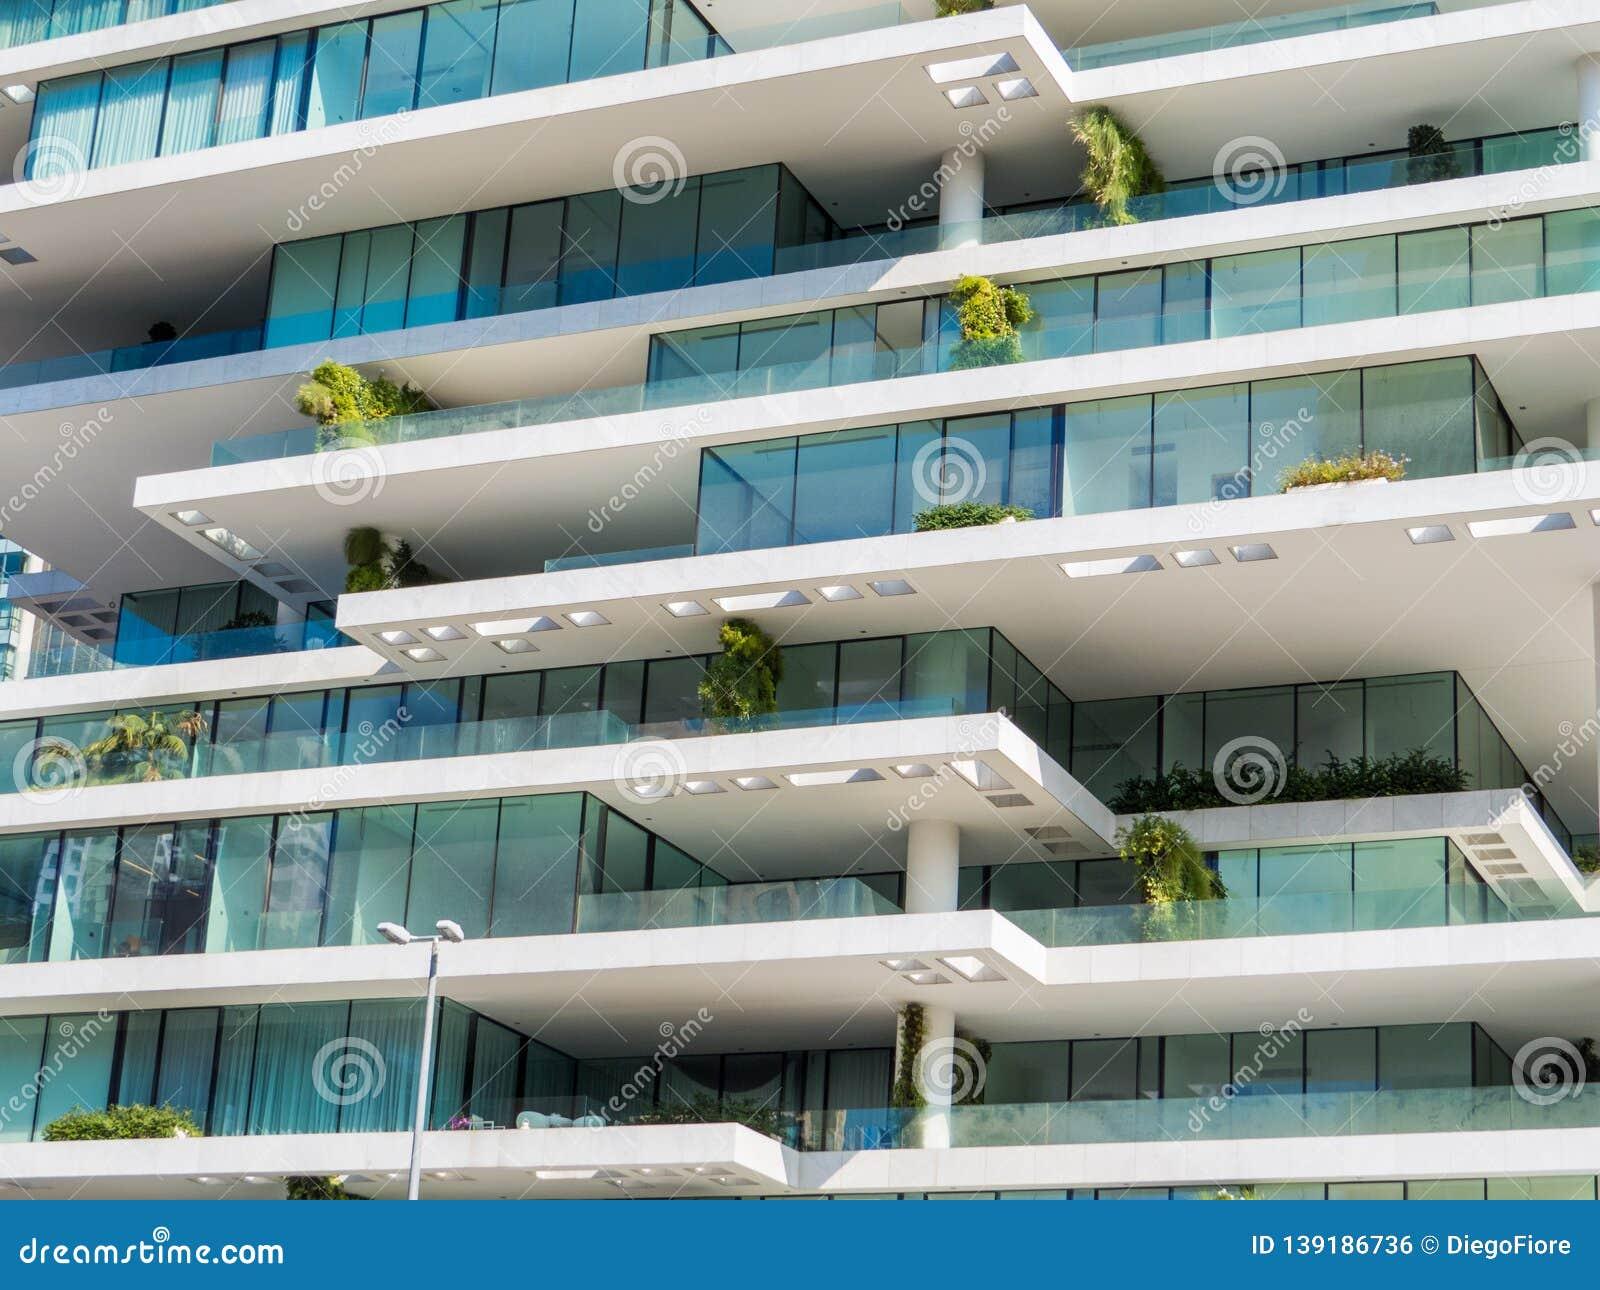 Недвижимость ливан недвижимость в черногории купить недорого